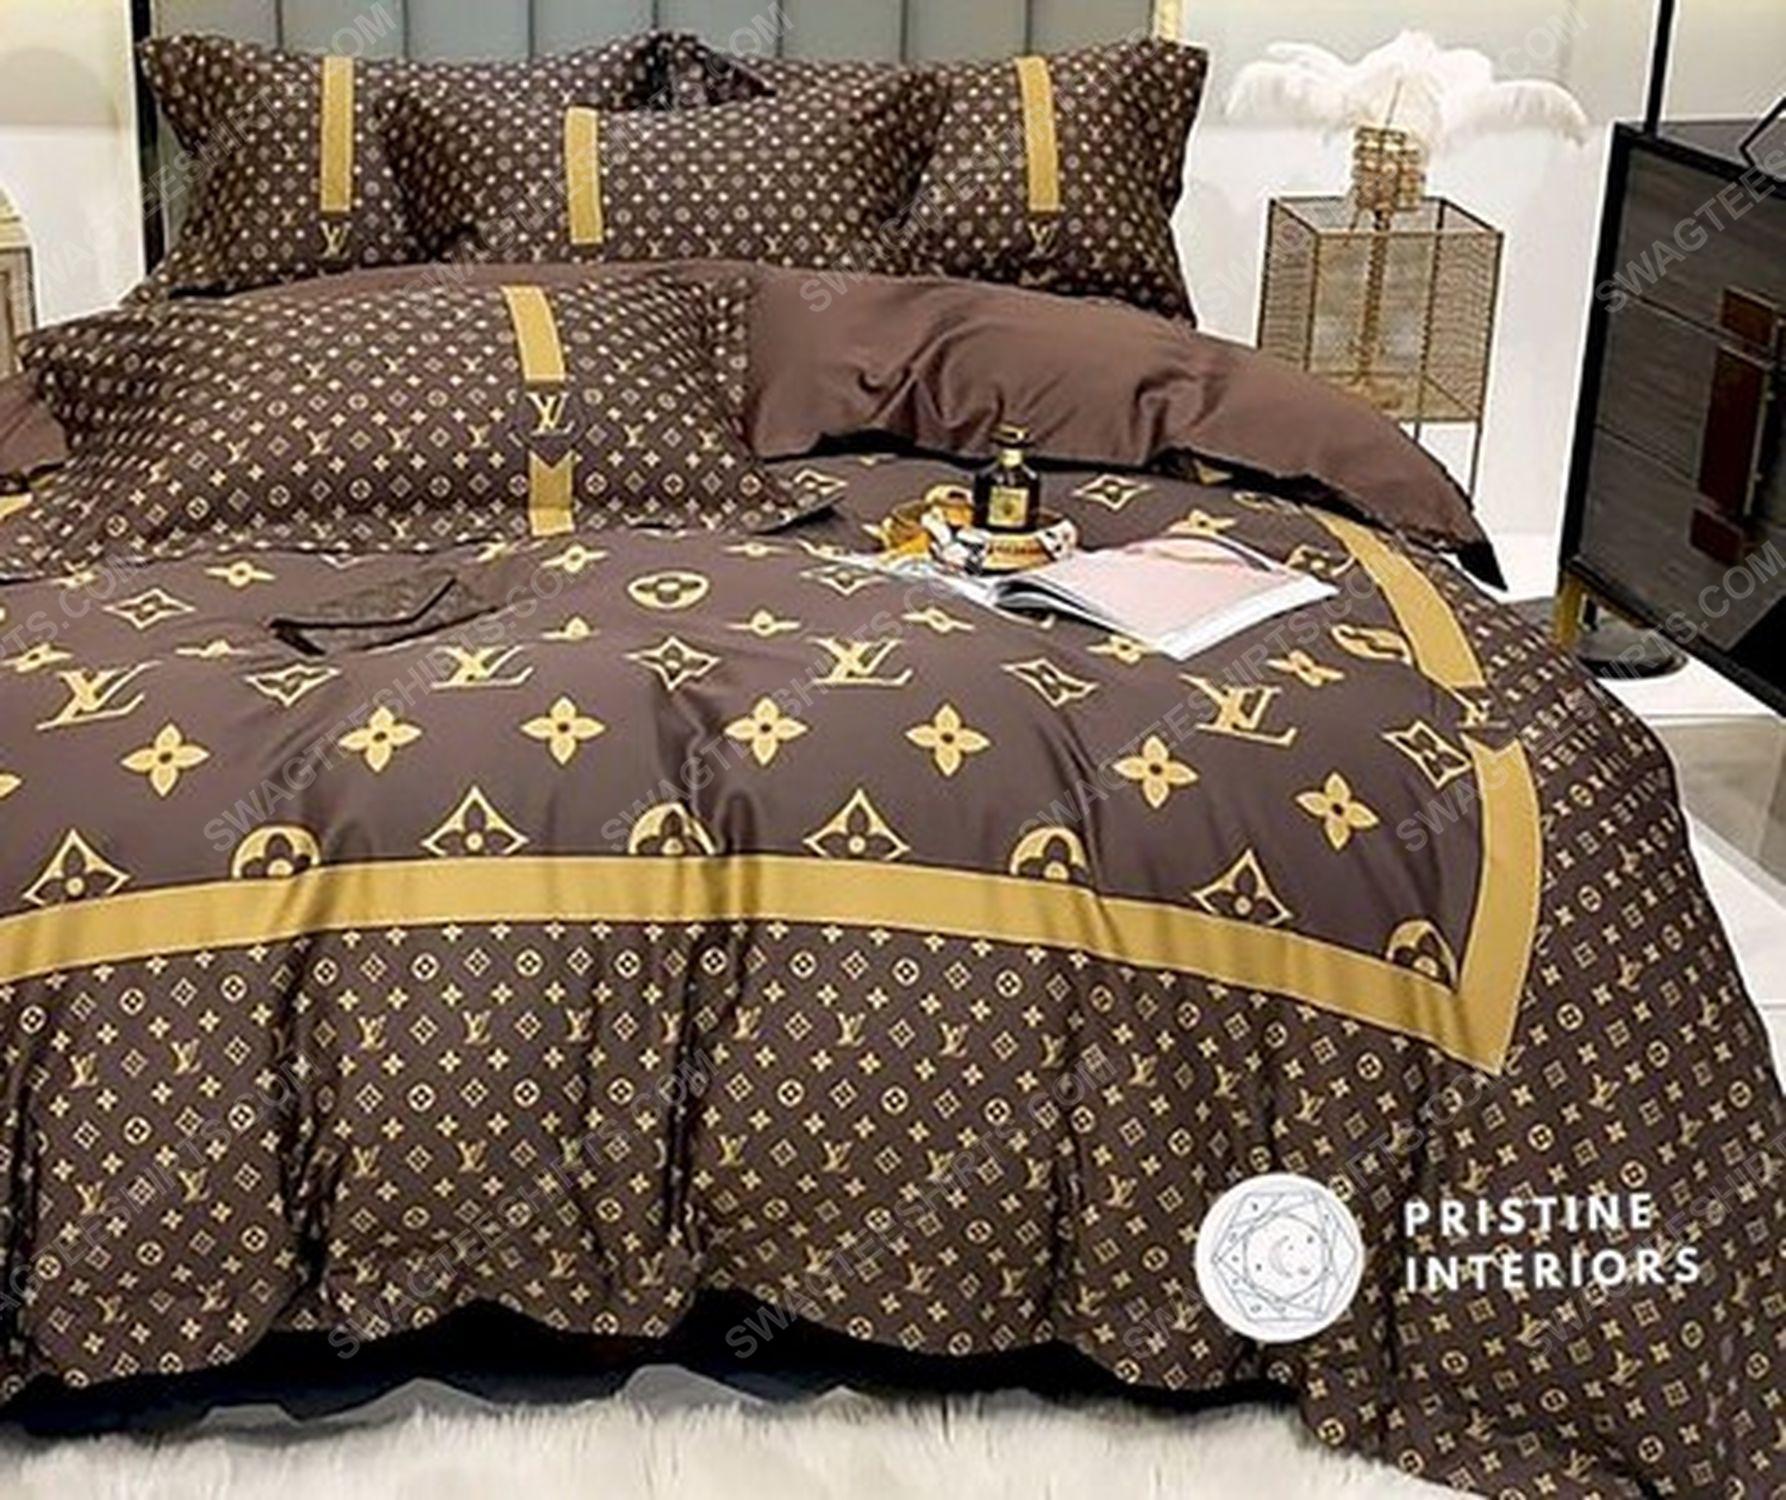 Lv monogram brown version full print duvet cover bedding set 3